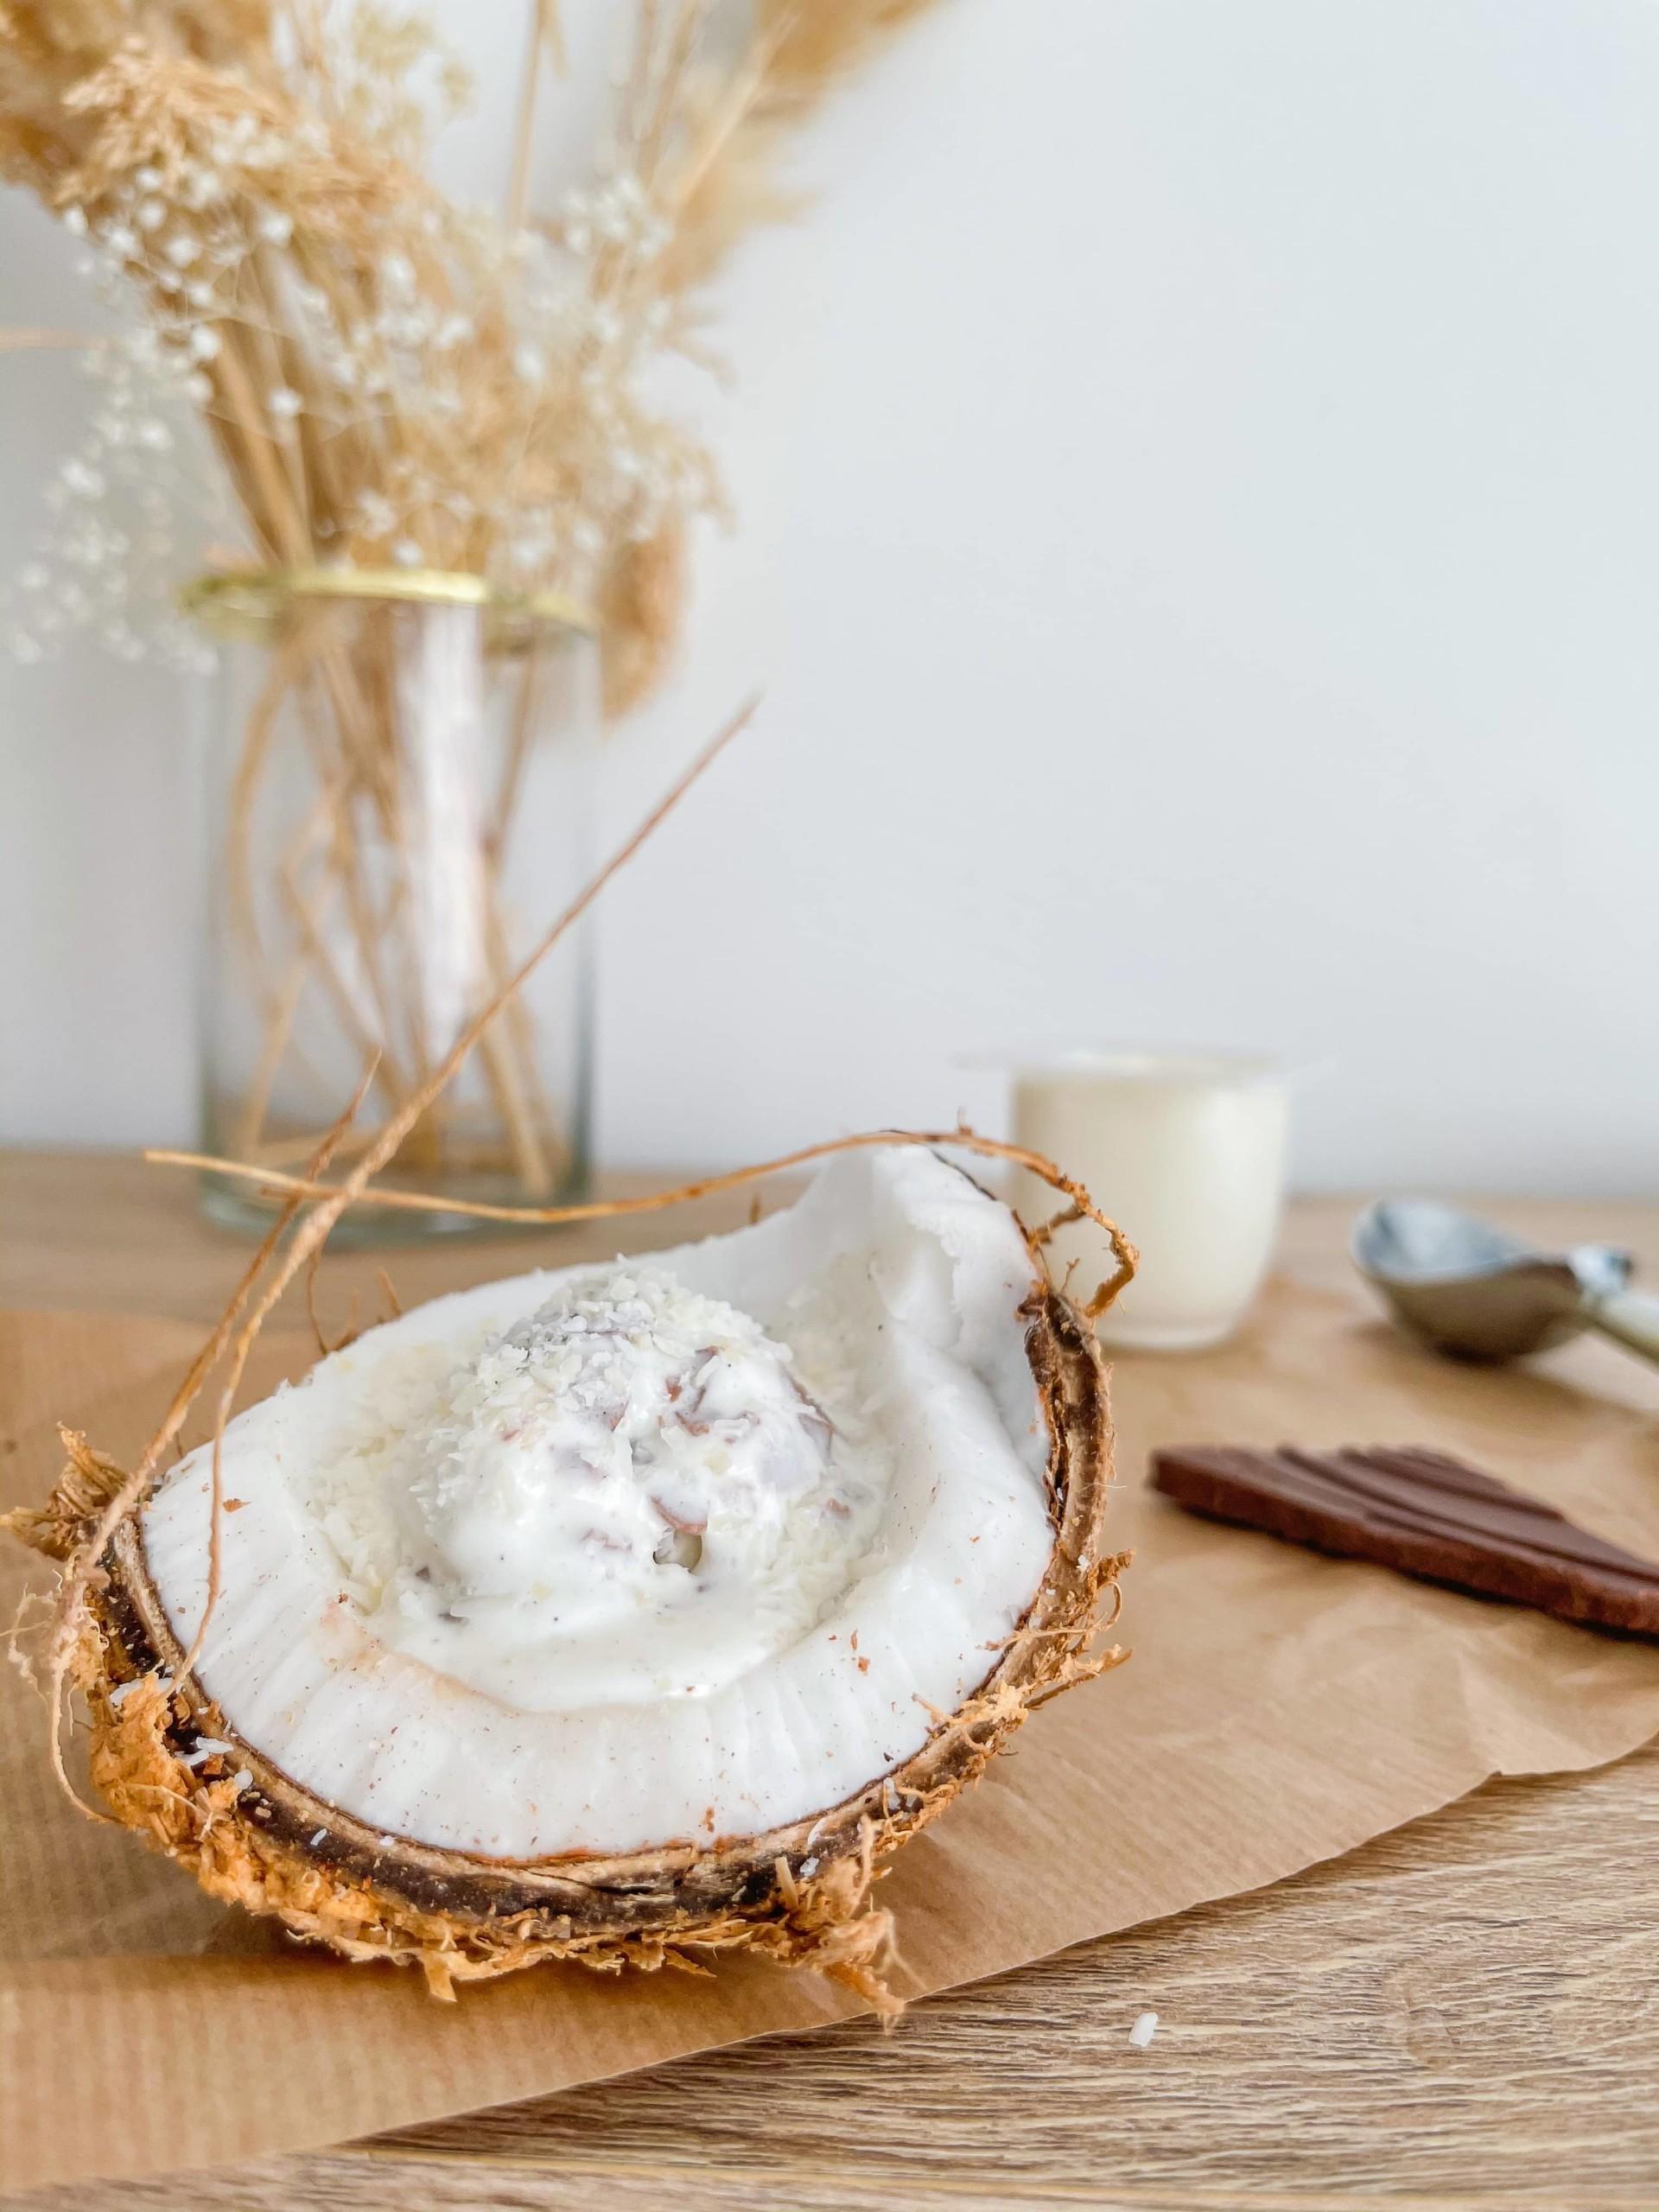 Yaourt glacé choco/coco dans une noix de coco